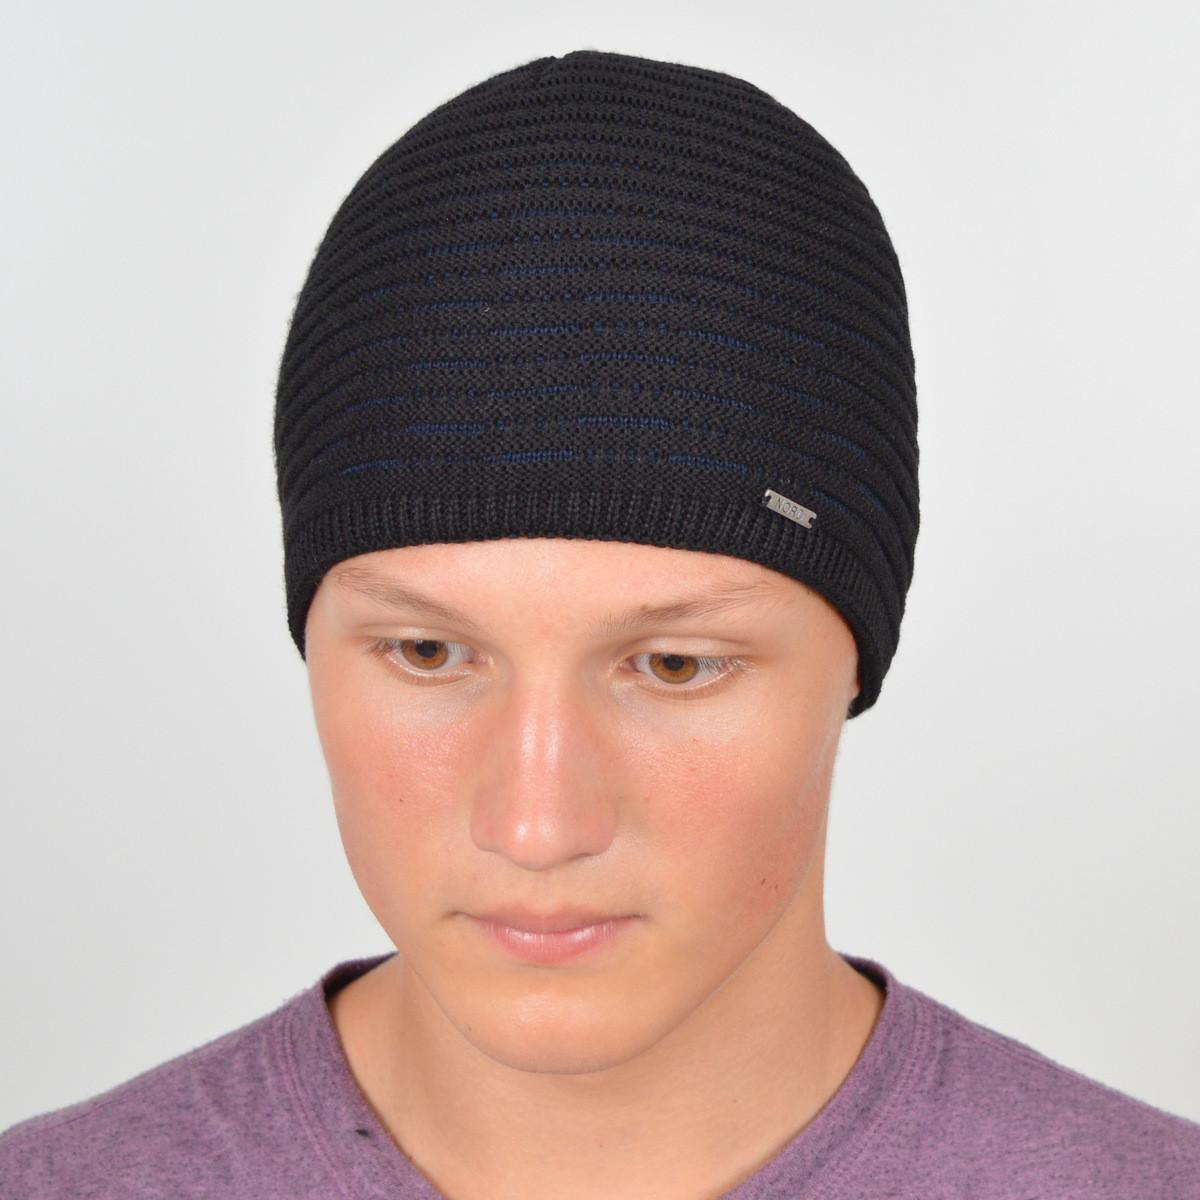 Мужская вязанная шапка NORD черный + синий